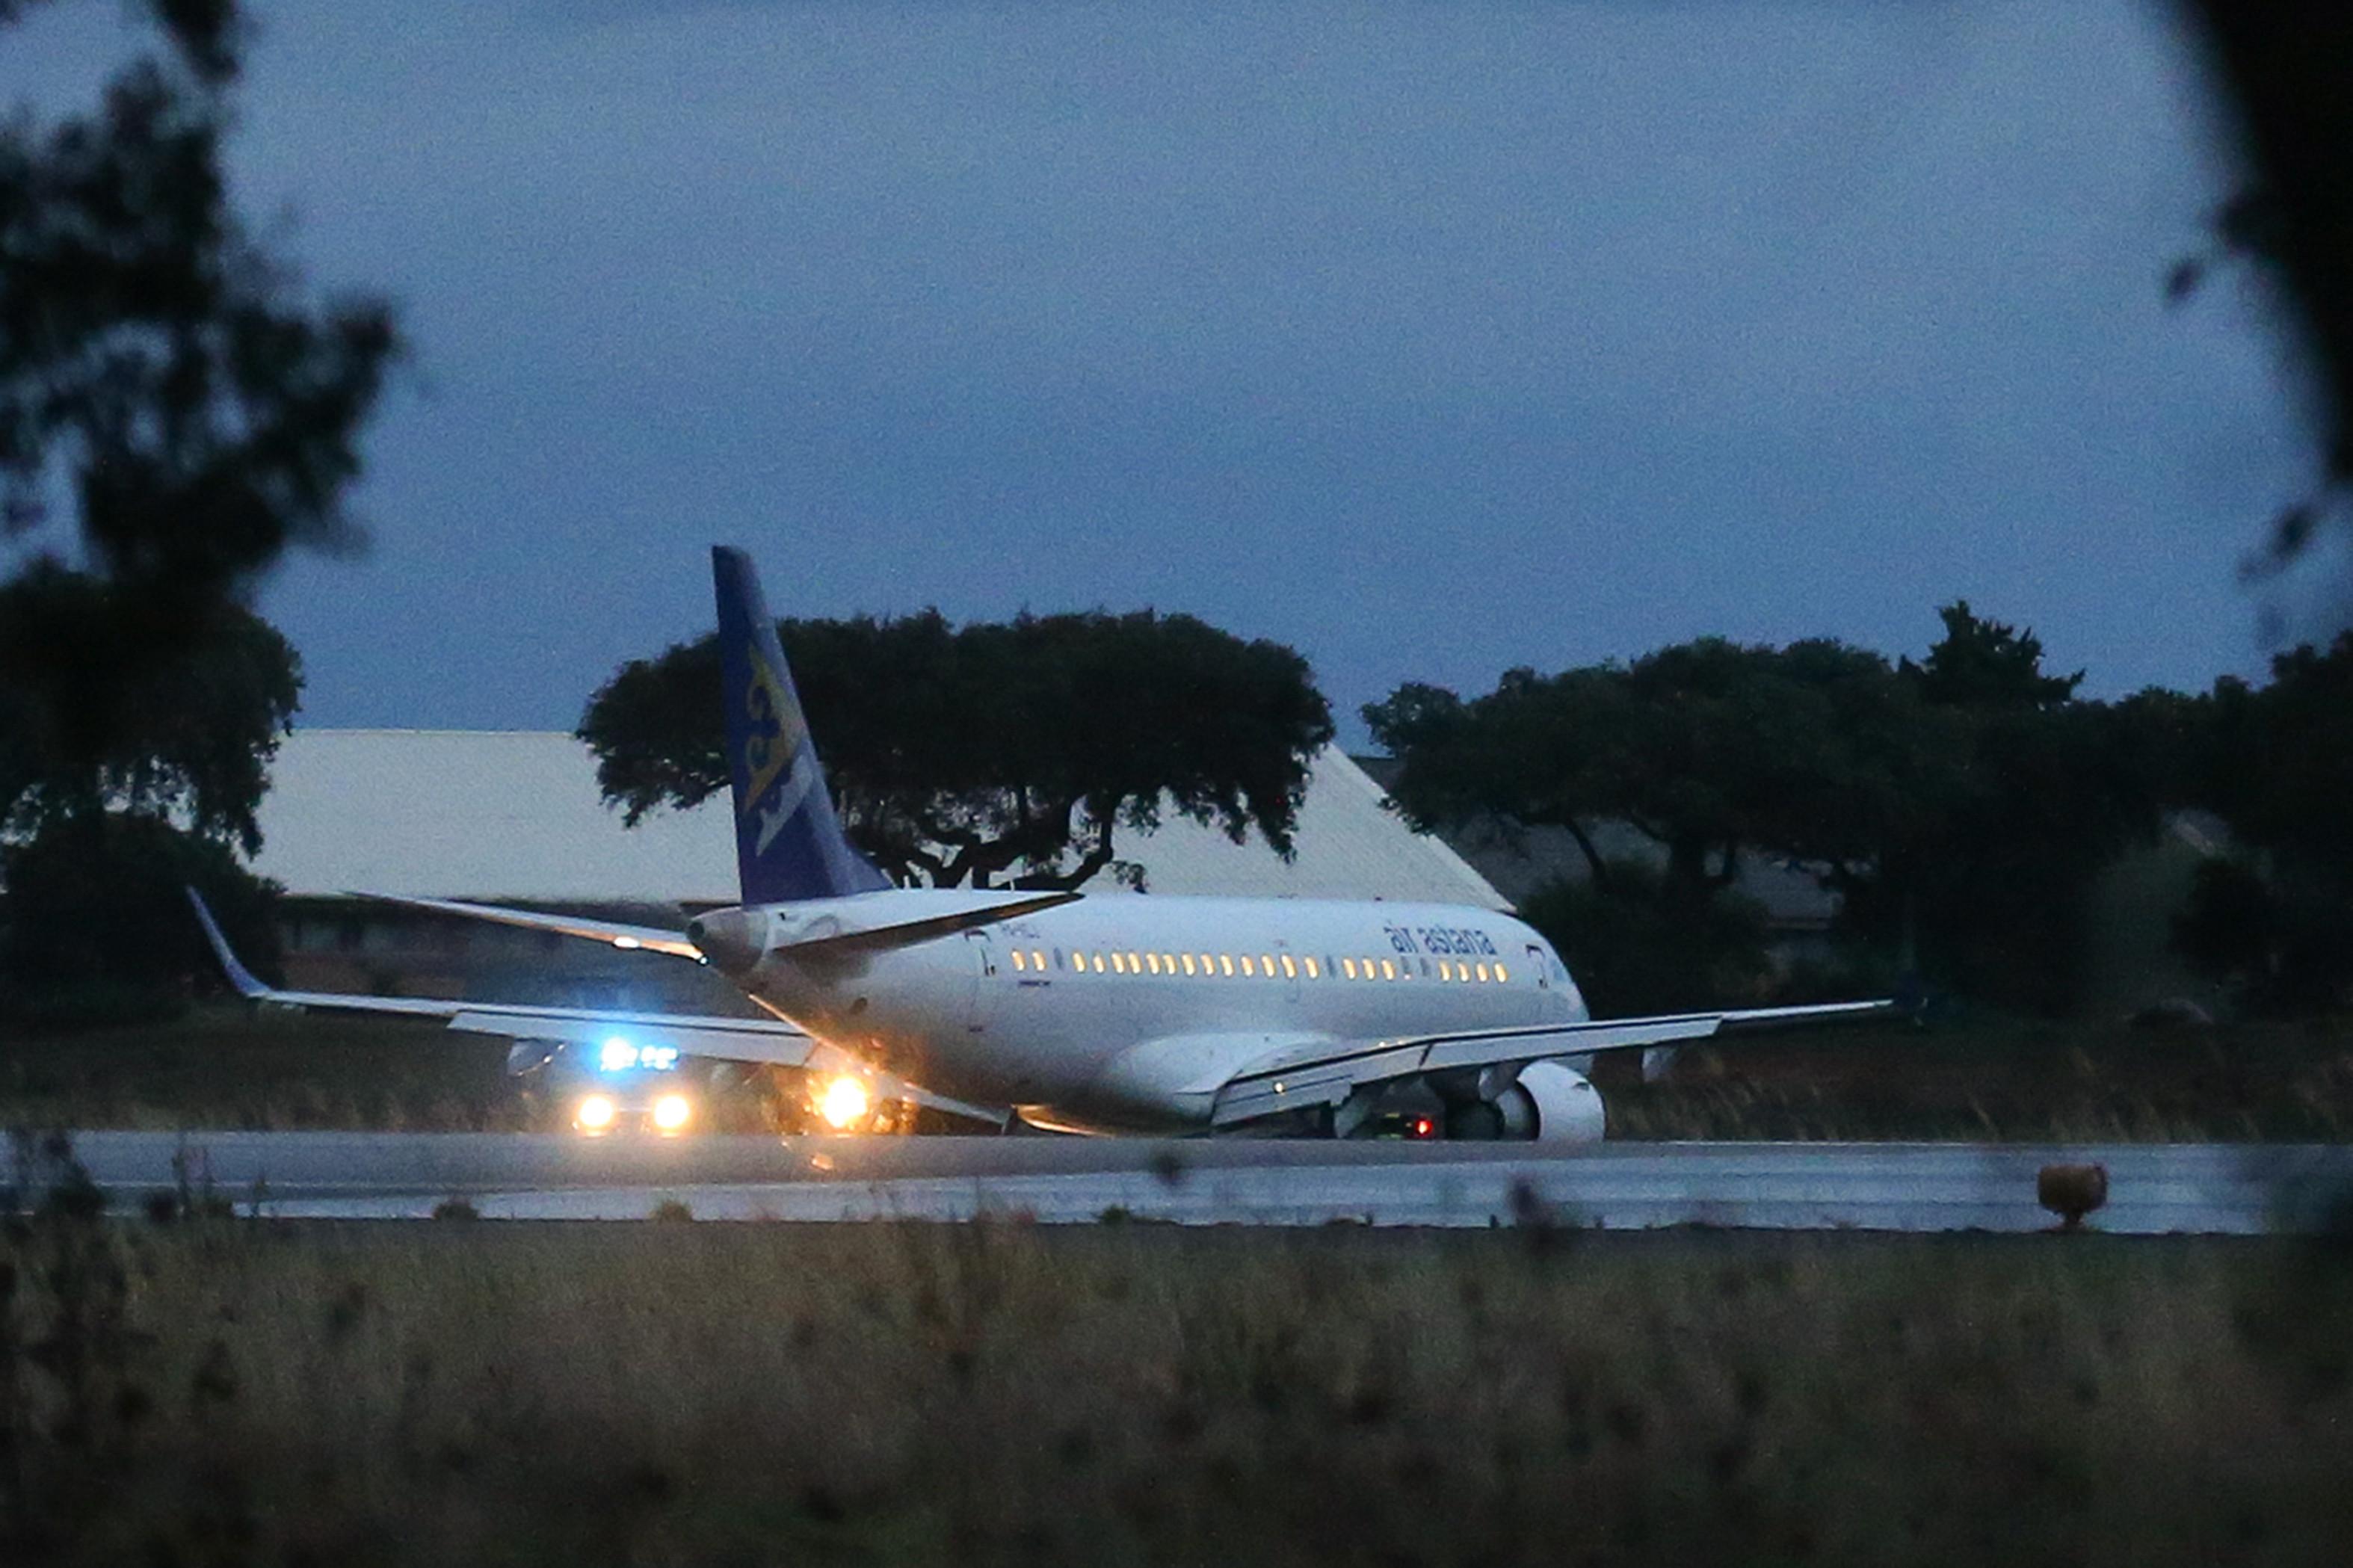 Problemas nos eixos de controlo podem explicar emergência do avião